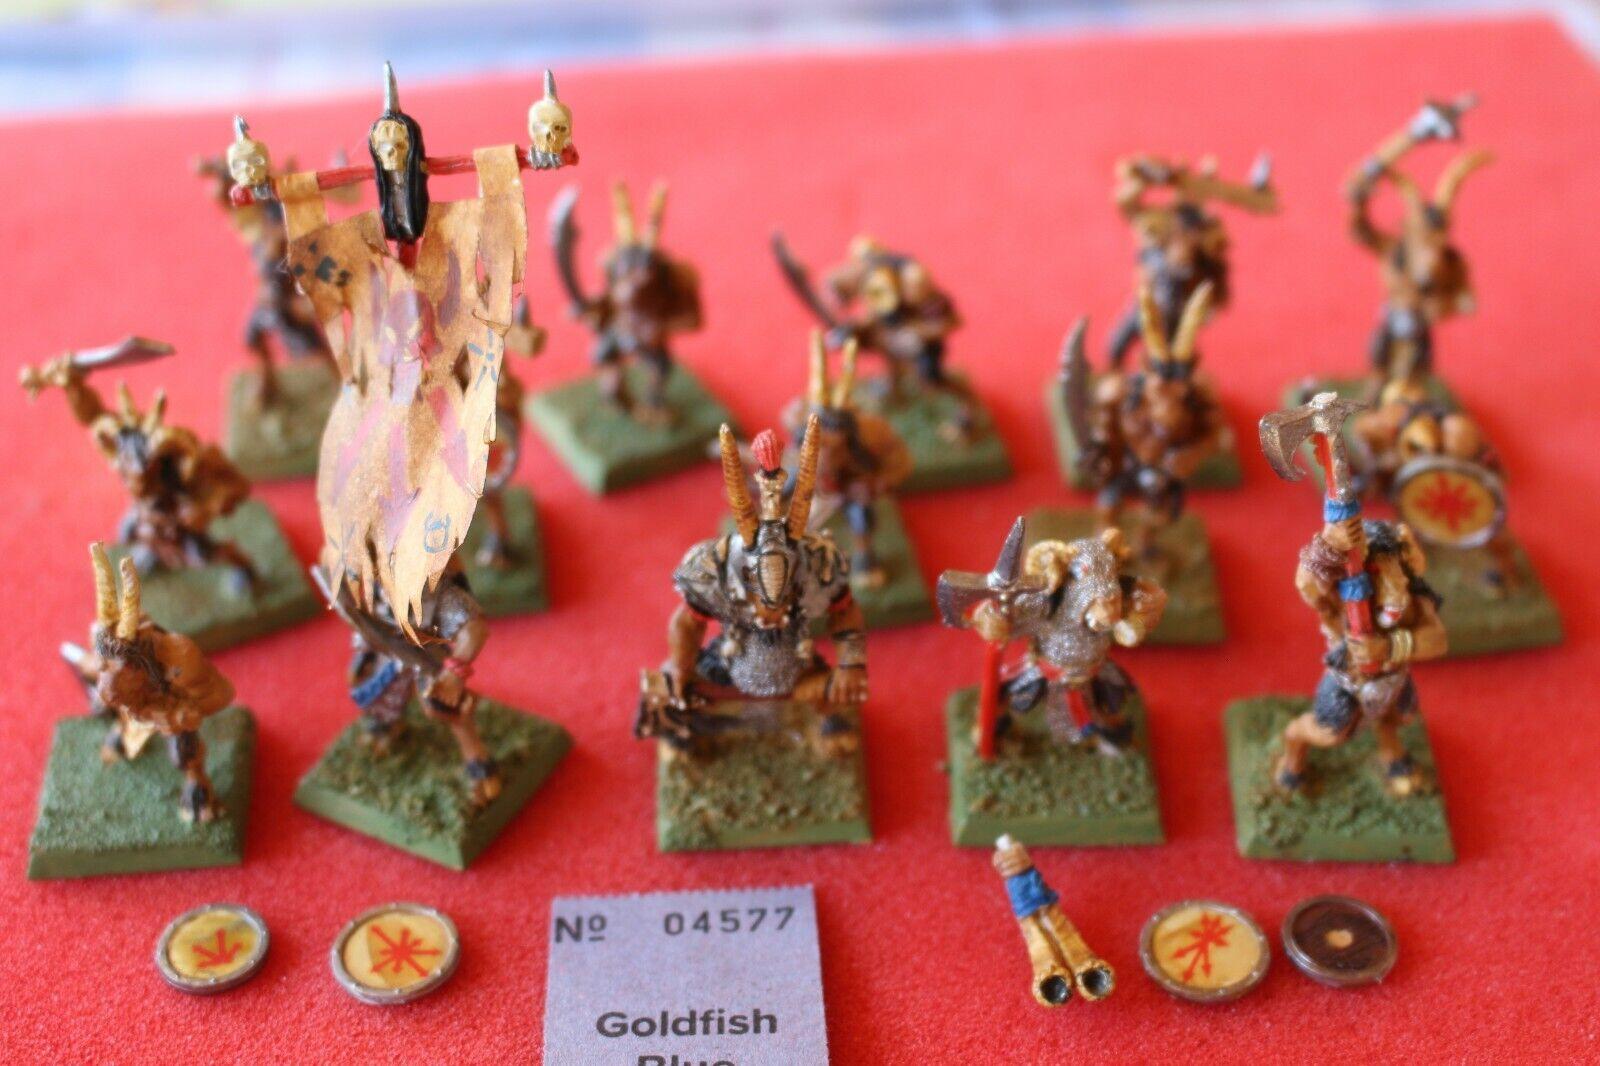 Games Workshop Warhammer Beastmen Beastman Gors Herd Metal Well Painted Metal GW